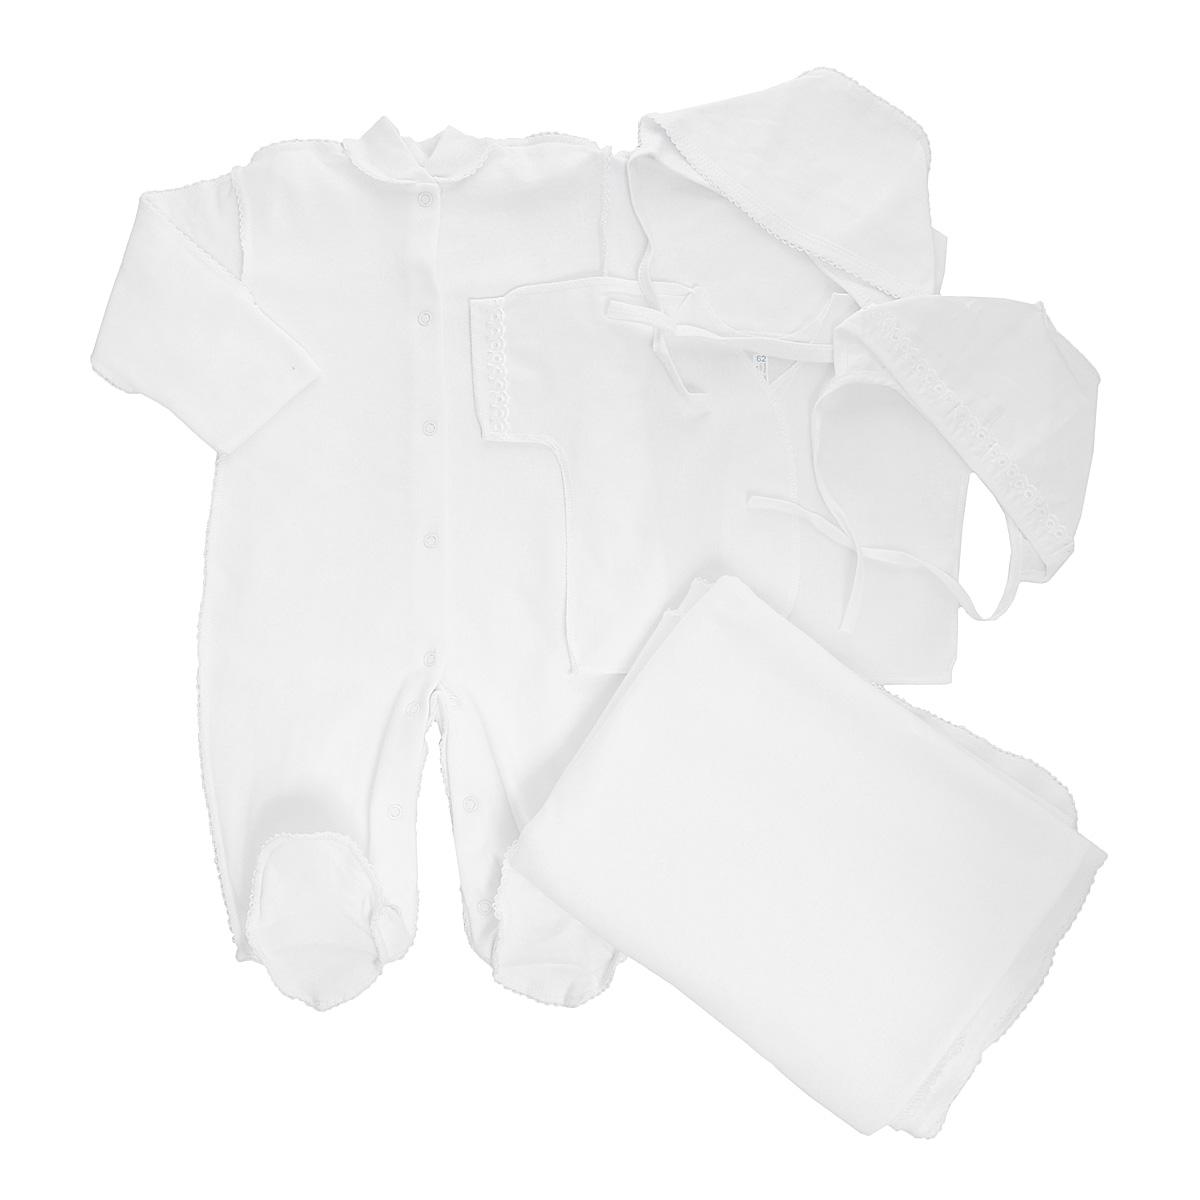 Комплект для новорожденного, 5 предметов. 34743474Комплект для новорожденного Трон-плюс - это замечательный подарок, который прекрасно подойдет для первых дней жизни малыша. Комплект состоит из комбинезона, распашонки, двух чепчиков и пеленки. Комплект изготовлен из натурального хлопка, благодаря чему он необычайно мягкий и приятный на ощупь, не сковывает движения младенца и позволяет коже дышать, не раздражает даже самую нежную и чувствительную кожу ребенка, обеспечивая ему наибольший комфорт. Легкая распашонка с короткими рукавами выполнена швами наружу. Рукава декорированы ажурными рюшами. Теплый комбинезон с небольшим воротничком-стойкой, длинными рукавами и закрытыми ножками идеально подойдет вашему ребенку, обеспечивая ему наибольший комфорт. Комбинезон застегивает на кнопочки по всей длине и на ластовице, что помогает с легкостью переодеть ребенка или сметить подгузник. Рукавички обеспечат вашему малышу комфорт во время сна и бодрствования, предохраняя нежную кожу новорожденного от расцарапывания. Комбинезон...